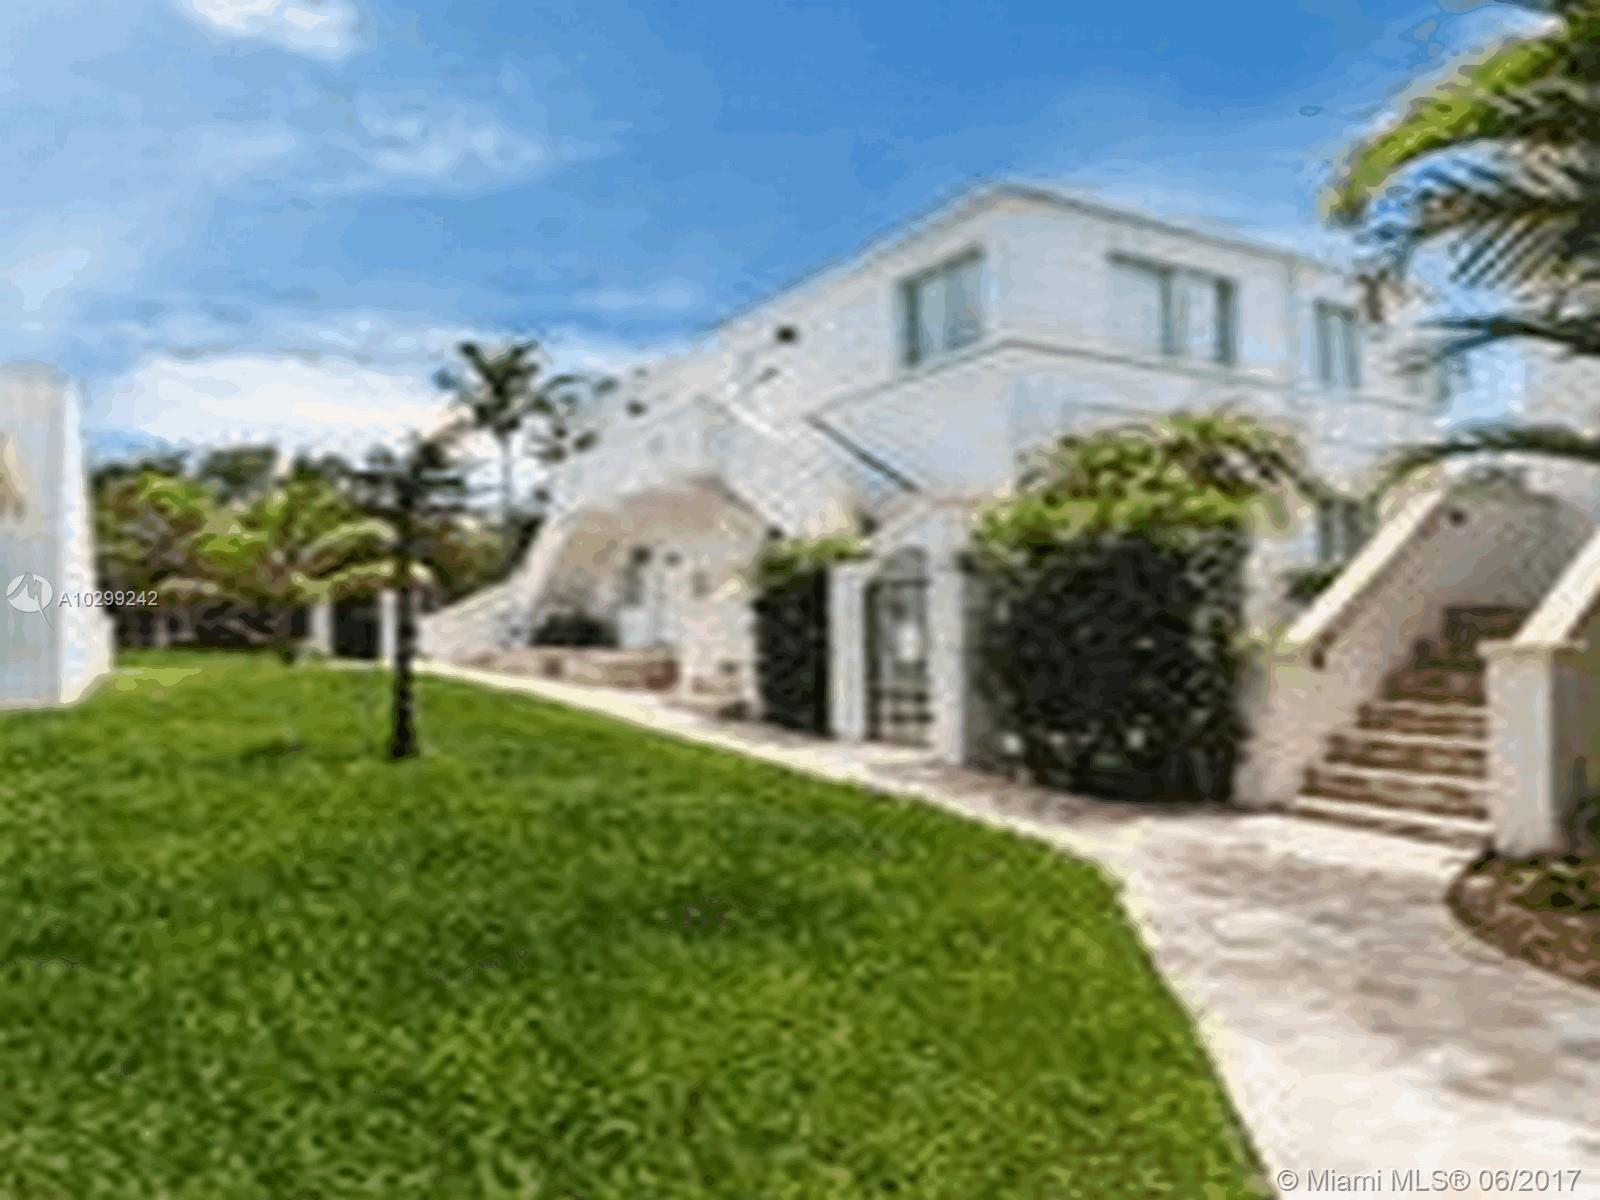 7504 NE 6th Ct # 13, Miami, FL 33138